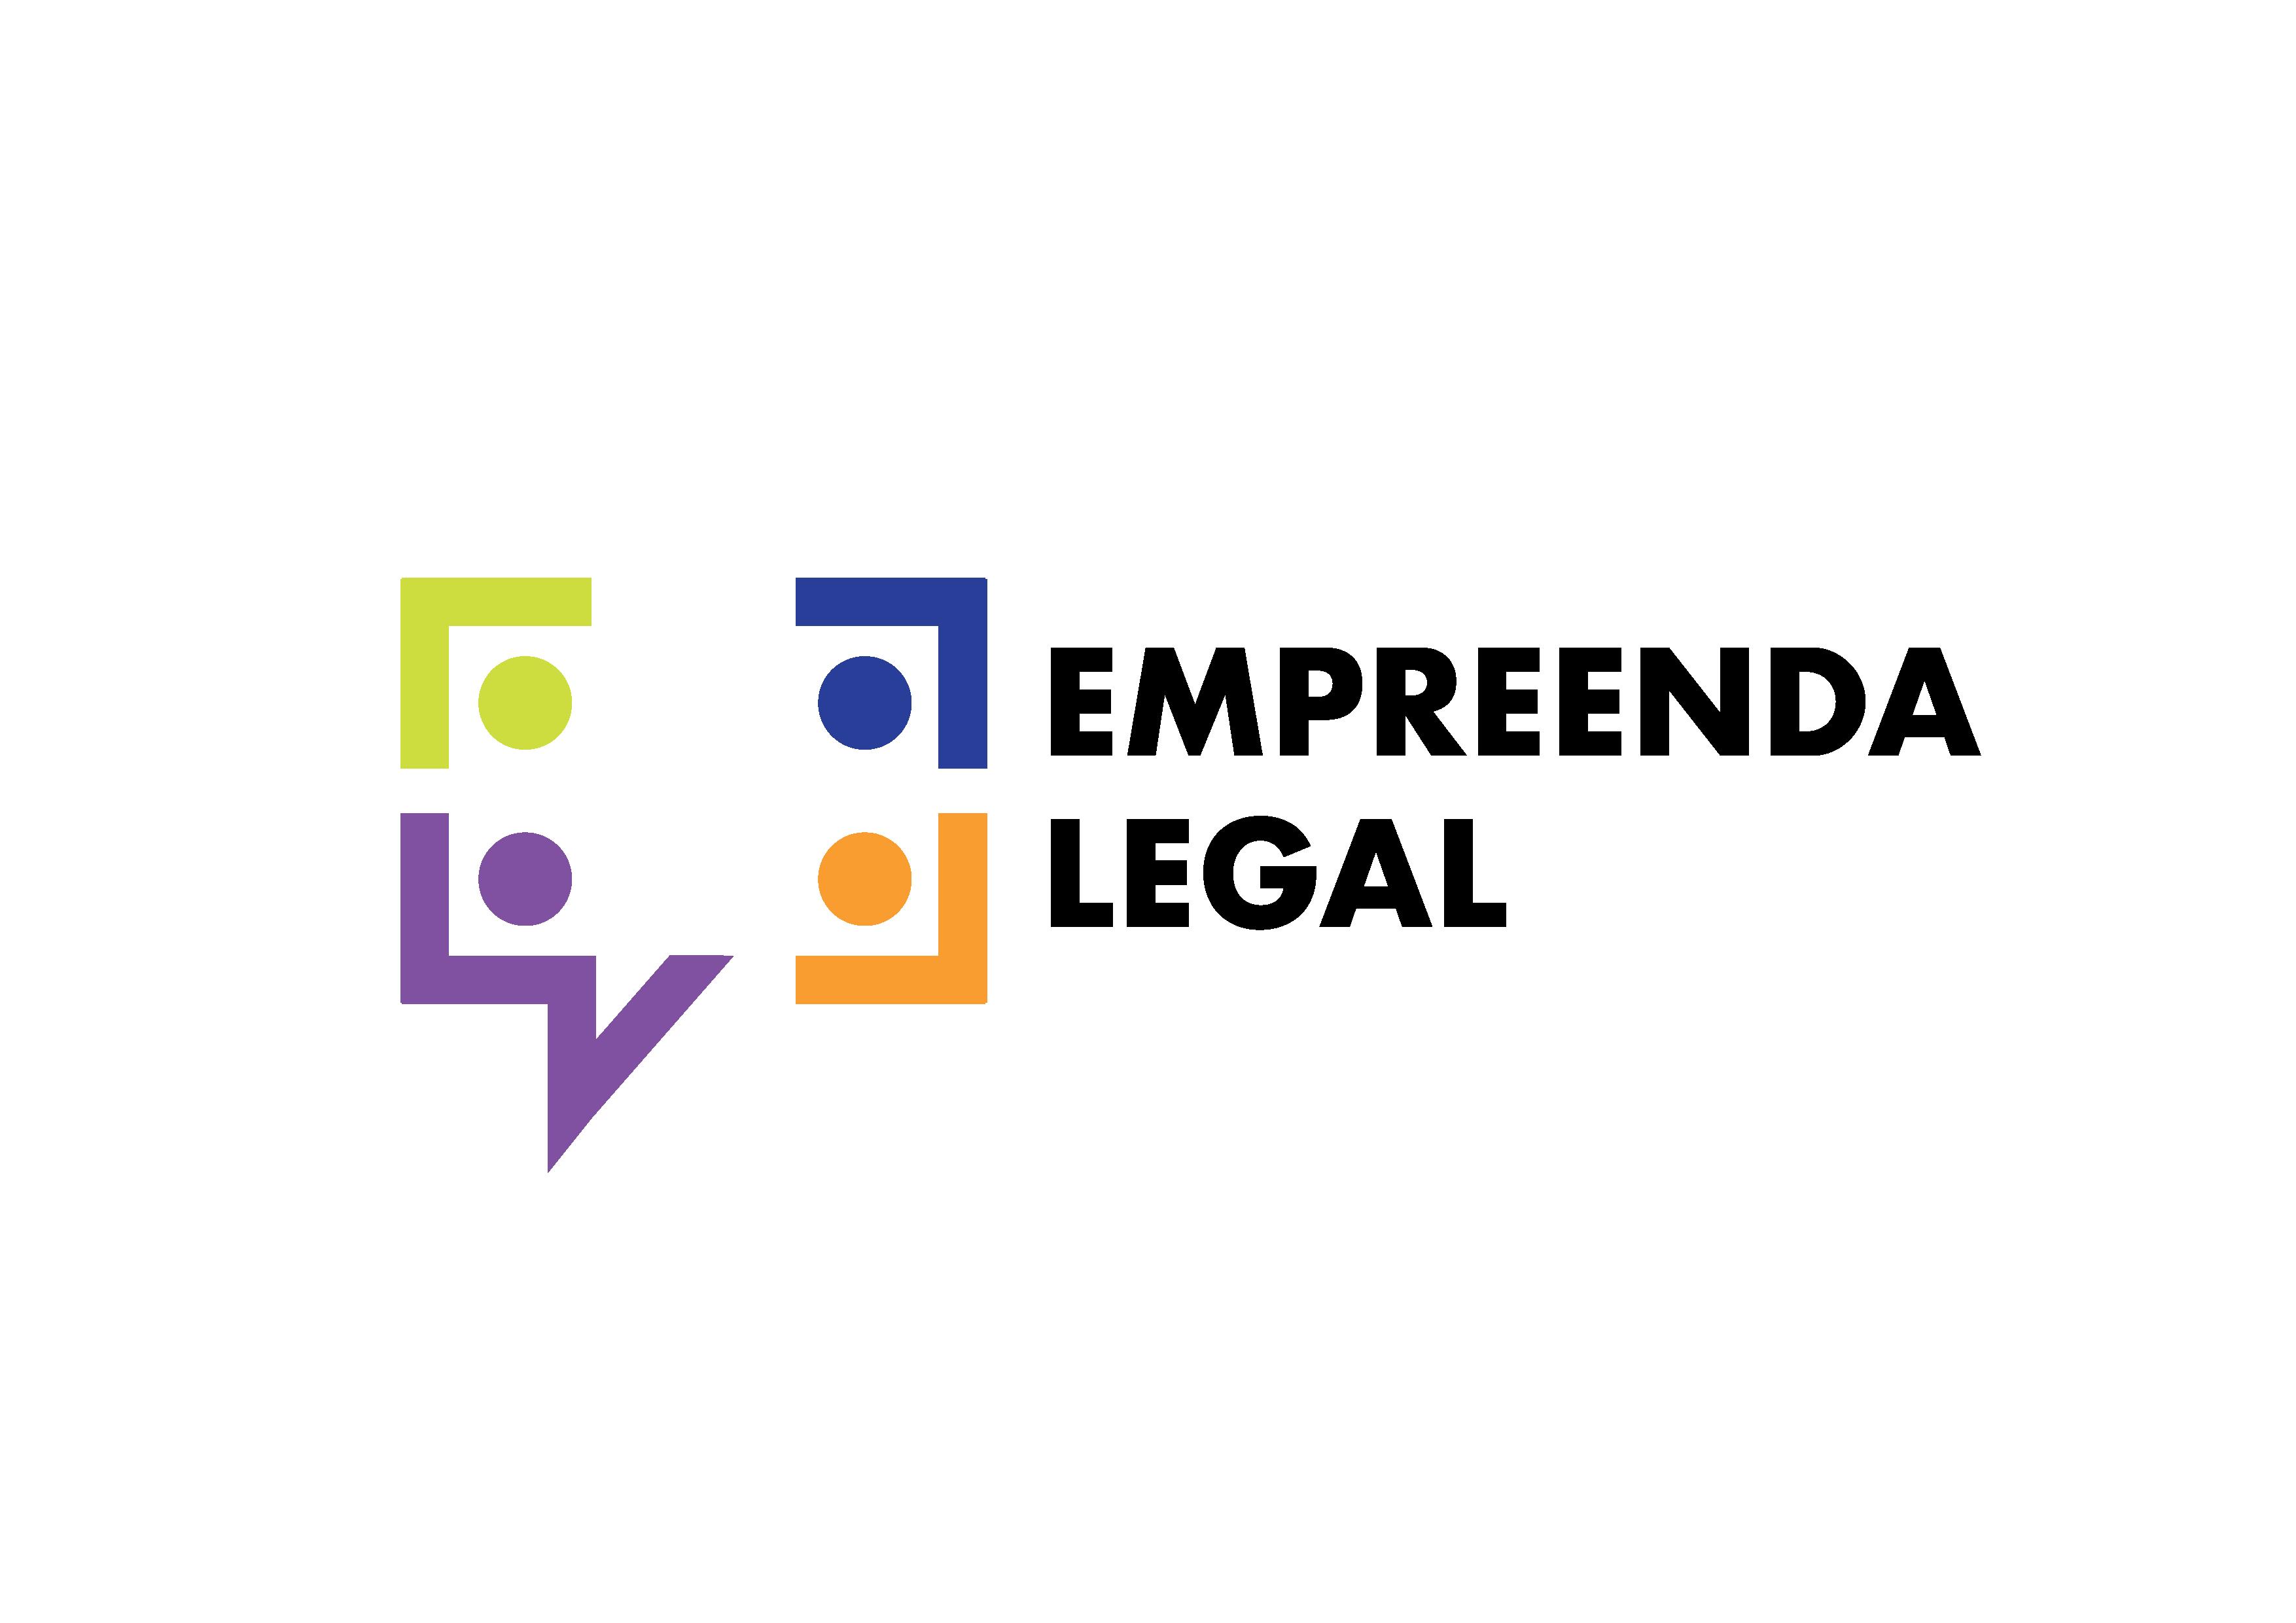 Logo Empreenda Legal cor